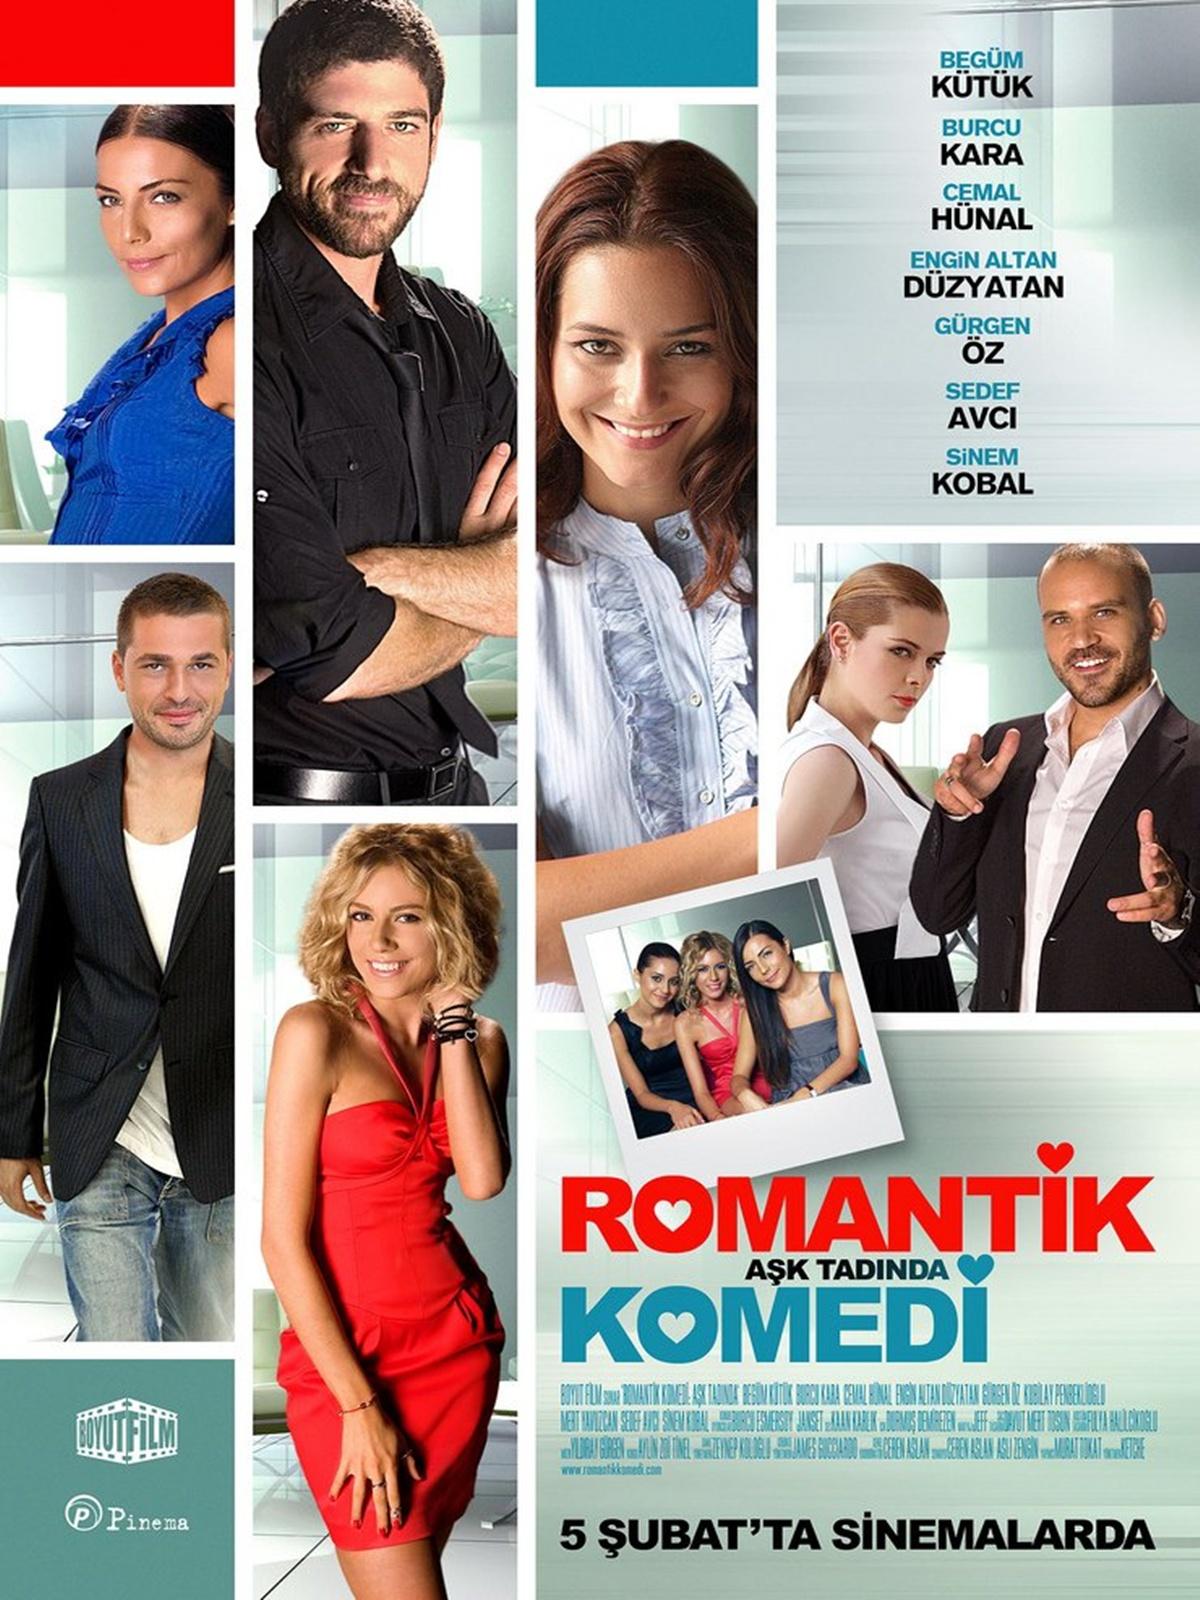 Romantik Komedi Filmi Için Benzer Filmler Beyazperdecom